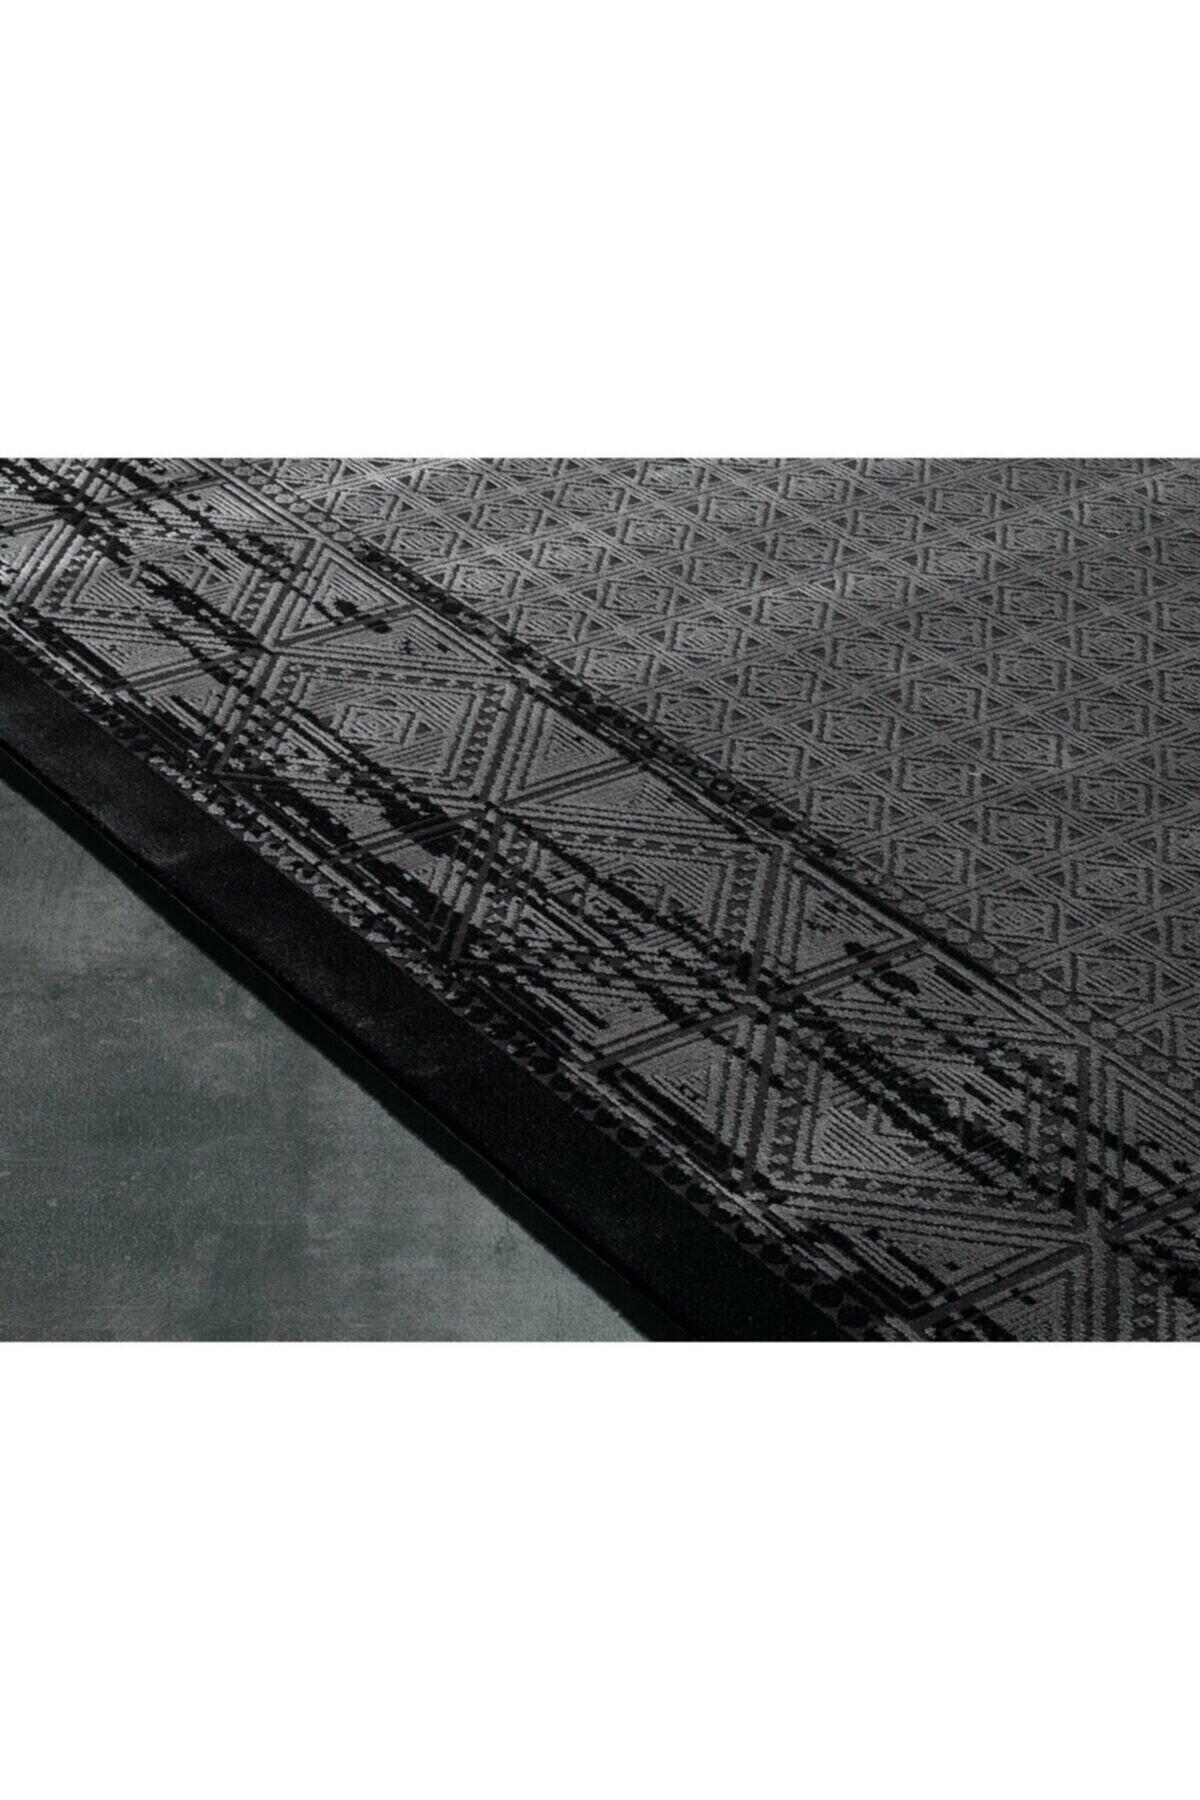 GÜMÜŞSUYU Black&brown 11322 - Siyah Halı 2